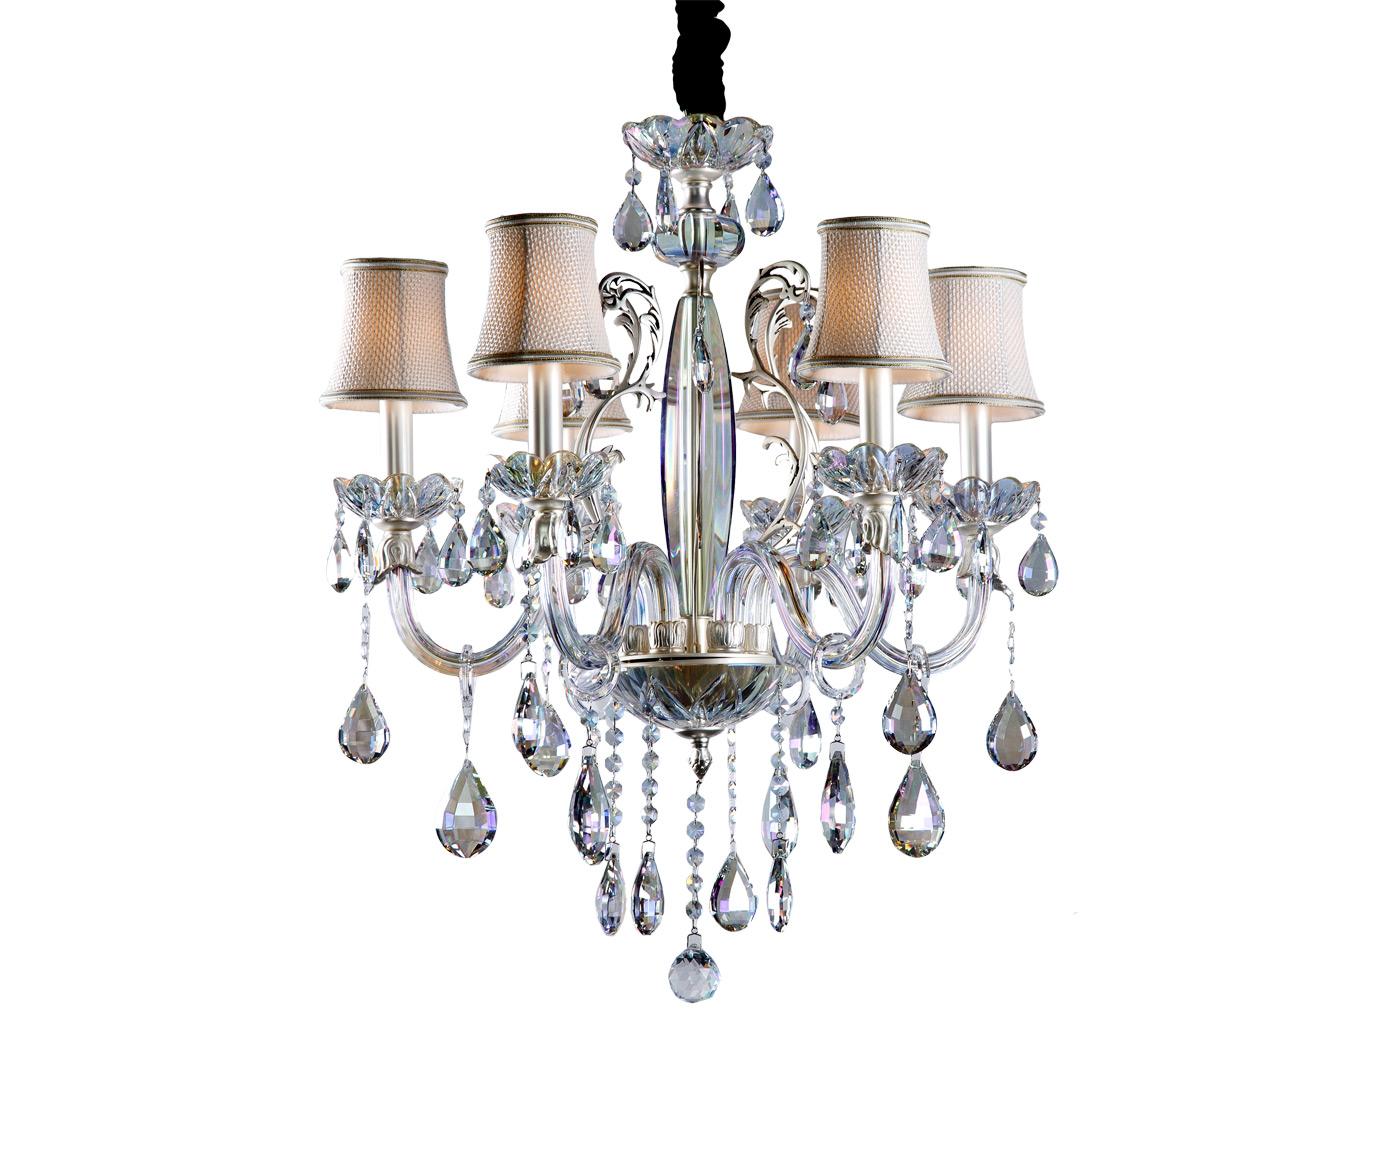 Люстра ГлансЛюстры подвесные<br>&amp;lt;div&amp;gt;Люстра в классическом стиле изготовленная из стекла и метала отлично впишется в интерьер вашего дома. Абажуры над лампами создавались с учетом правил рассеивания света и удивят вас мягким и комфортным освещением. Цвет матового серебра придает люстре дополнительный шарм и солидность.&amp;lt;/div&amp;gt;&amp;lt;div&amp;gt;&amp;lt;br&amp;gt;&amp;lt;/div&amp;gt;&amp;lt;div&amp;gt;Вид цоколя: E14&amp;lt;/div&amp;gt;&amp;lt;div&amp;gt;Мощность лампы: 40W&amp;lt;/div&amp;gt;&amp;lt;div&amp;gt;Количество ламп: 6 (нет в комплекте)&amp;lt;/div&amp;gt;&amp;lt;div&amp;gt;&amp;lt;br&amp;gt;&amp;lt;/div&amp;gt;&amp;lt;div&amp;gt;Материал: металл, стекло, текстиль.&amp;lt;/div&amp;gt;<br><br>Material: Металл<br>Width см: 58<br>Depth см: 58<br>Height см: 64